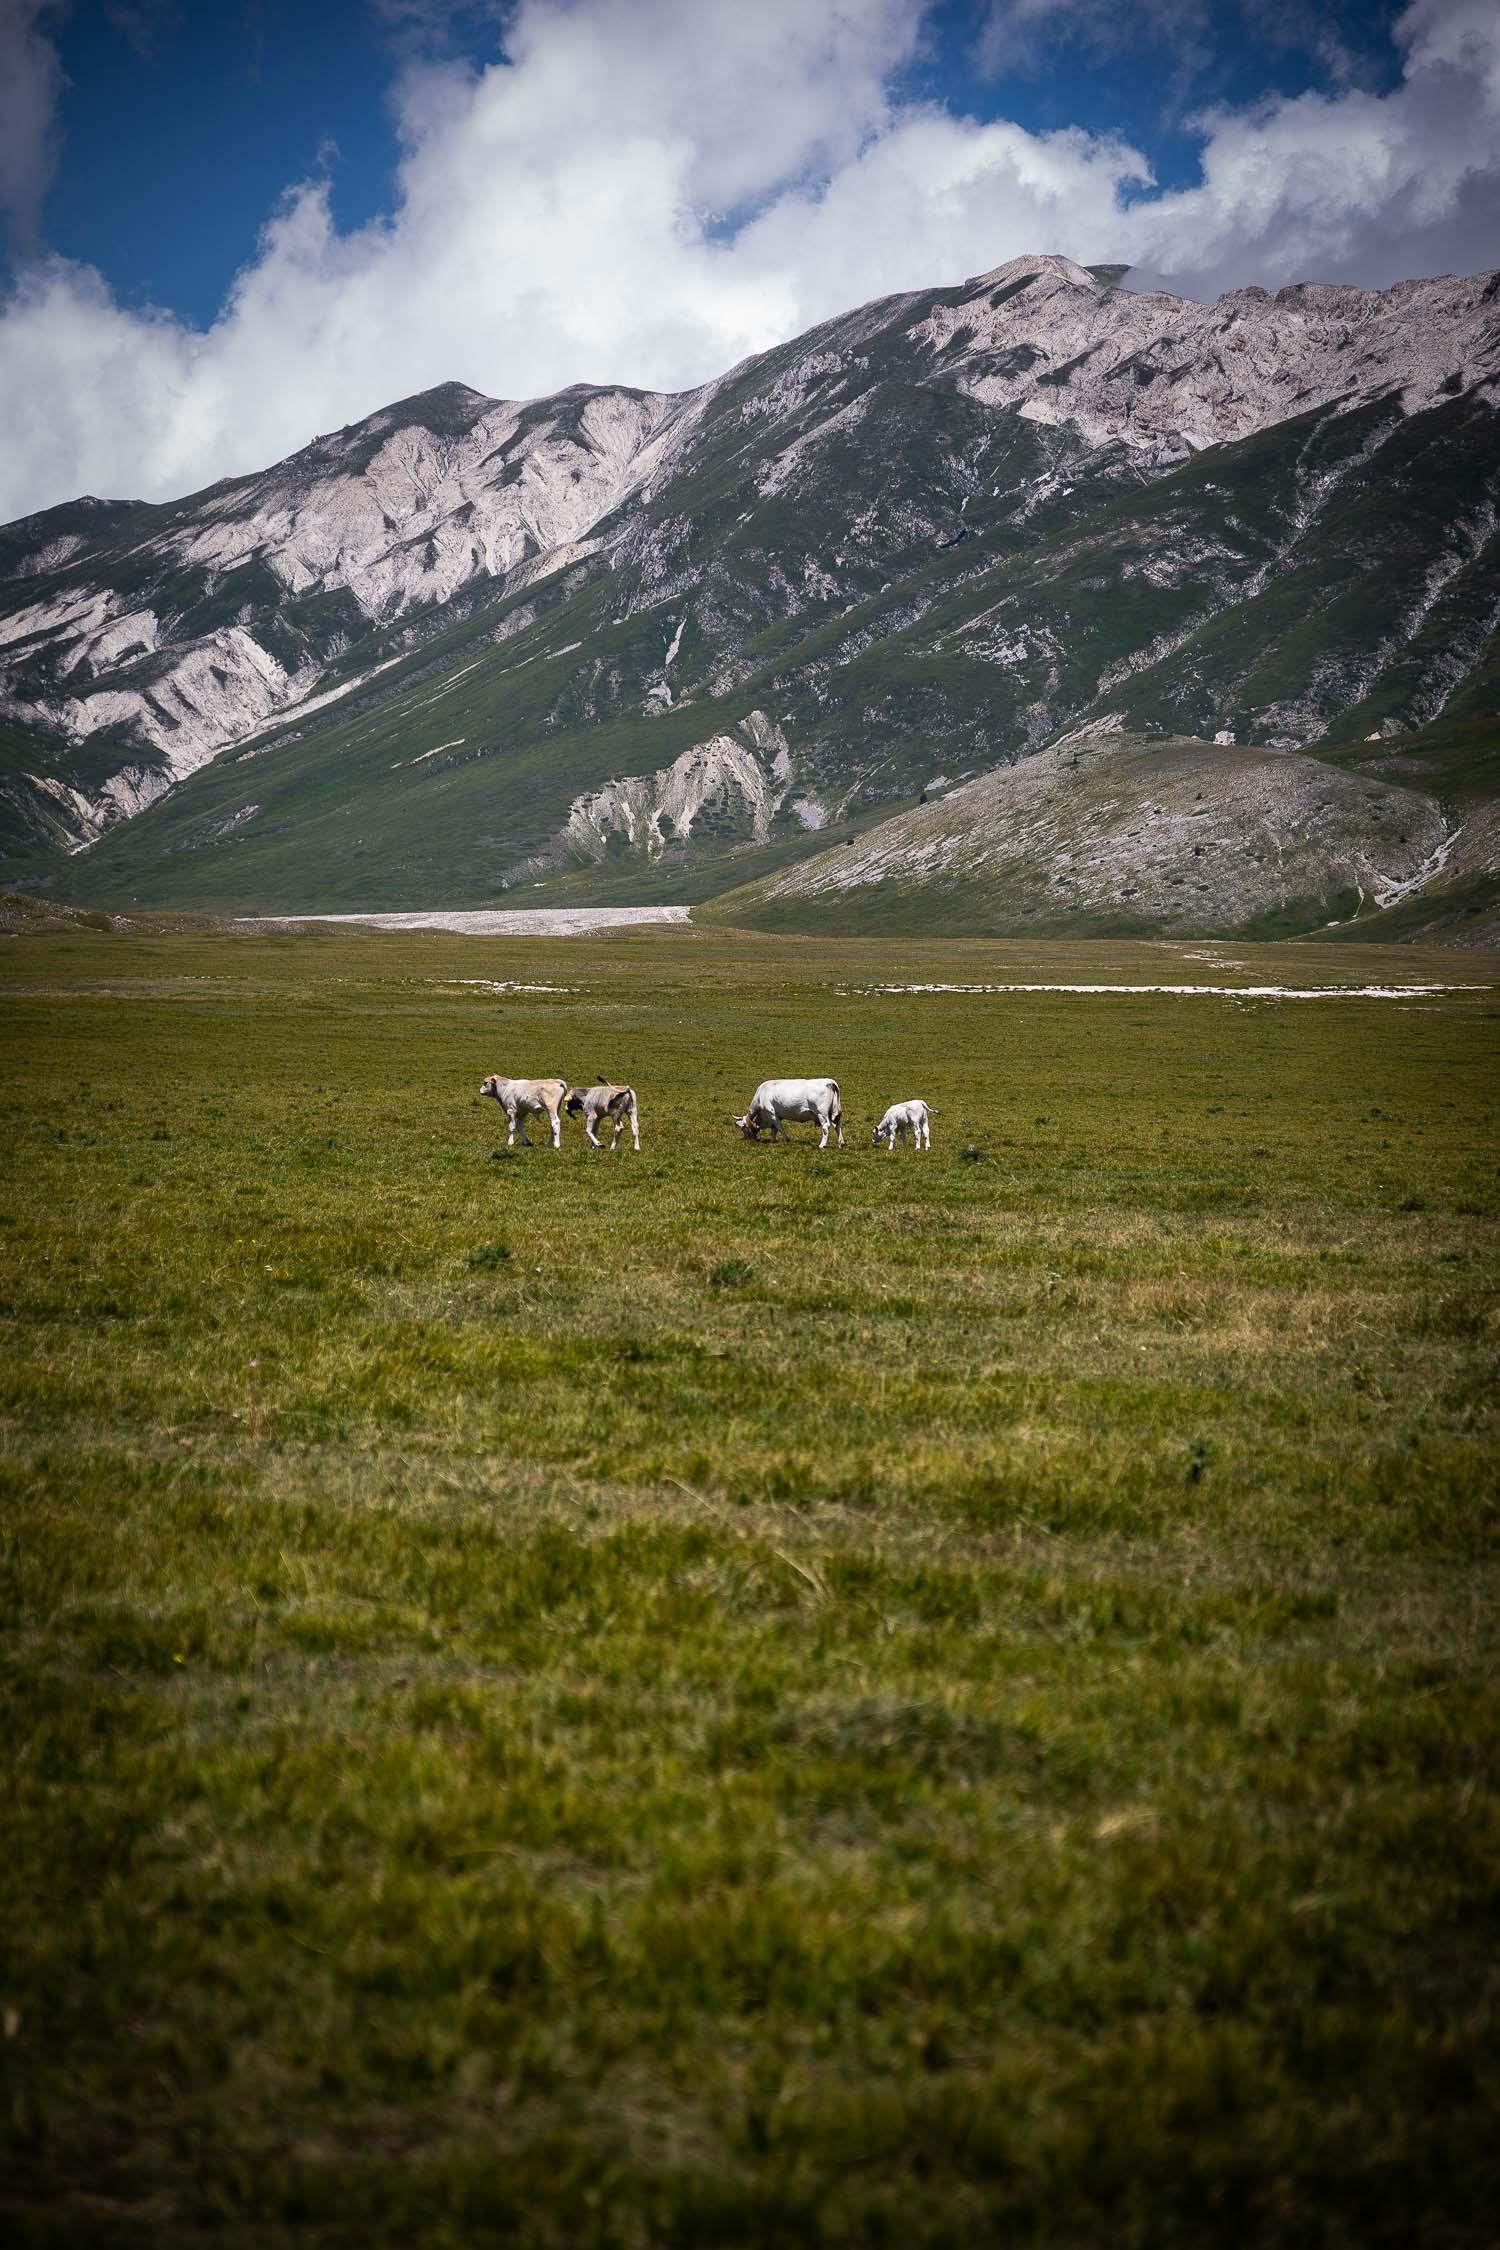 Cattle-Grazing-Campo-Imperatore-Gran-sasso-Abruzzo-5699.jpg